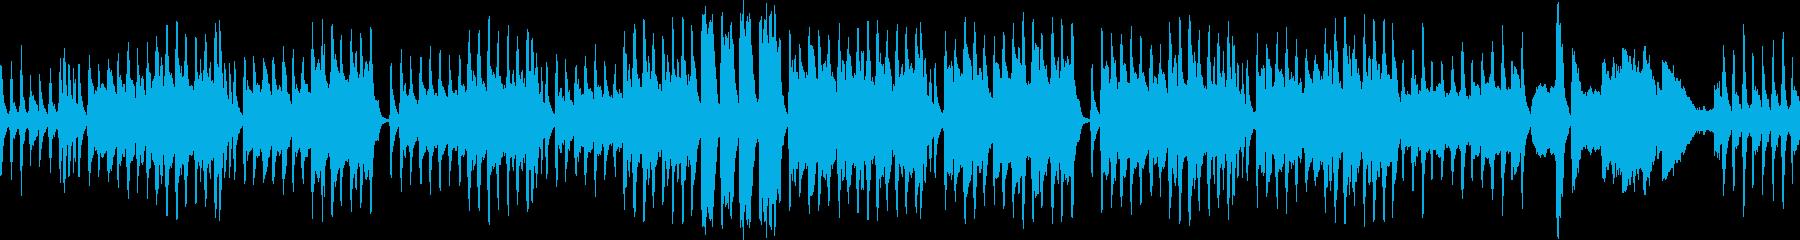 クラシカルで怪しいBGM(ループ仕様)の再生済みの波形